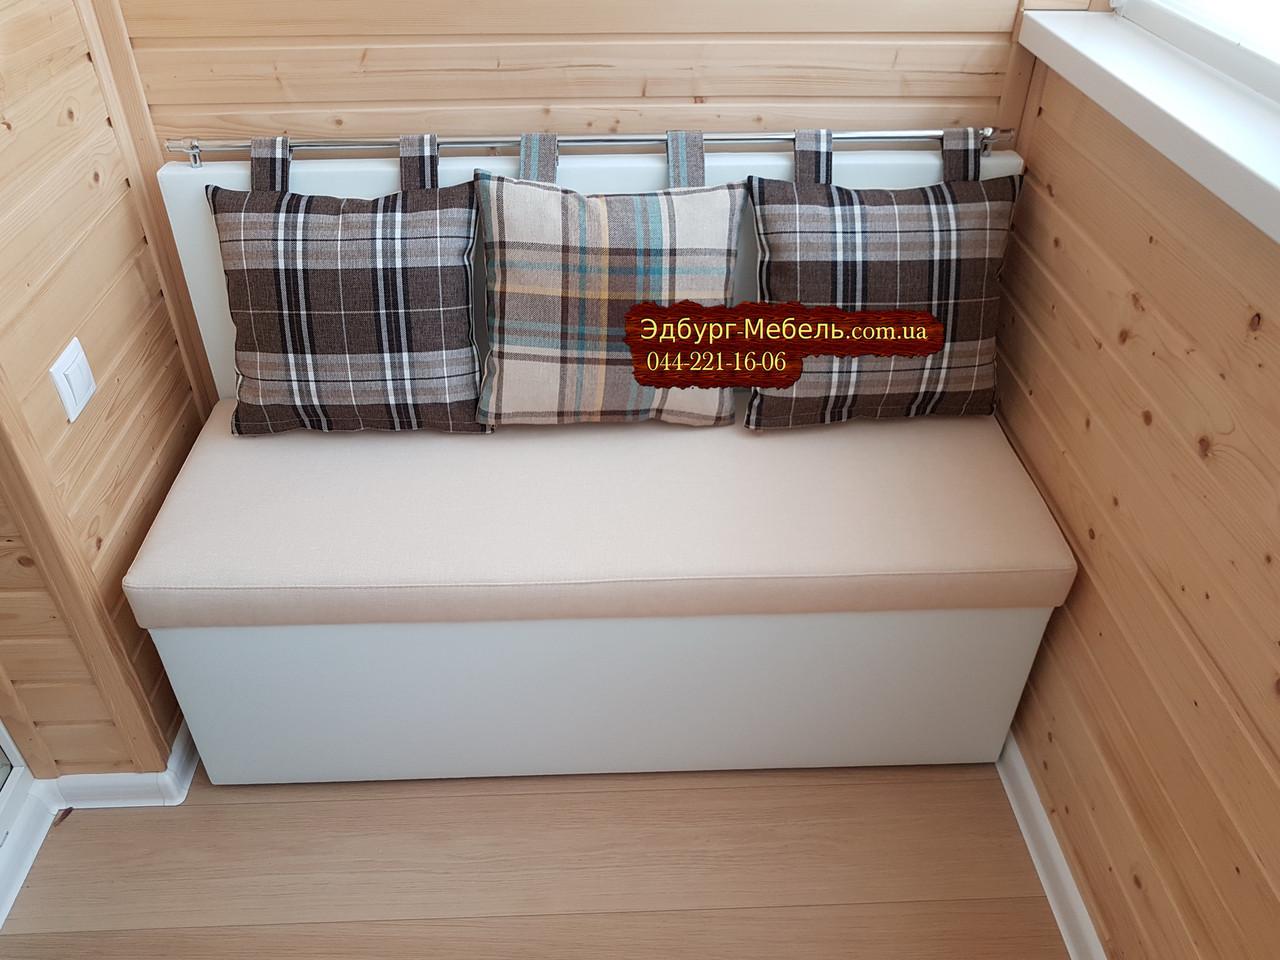 Диван для балкона с ящиком и спальным местом 1100х490мм